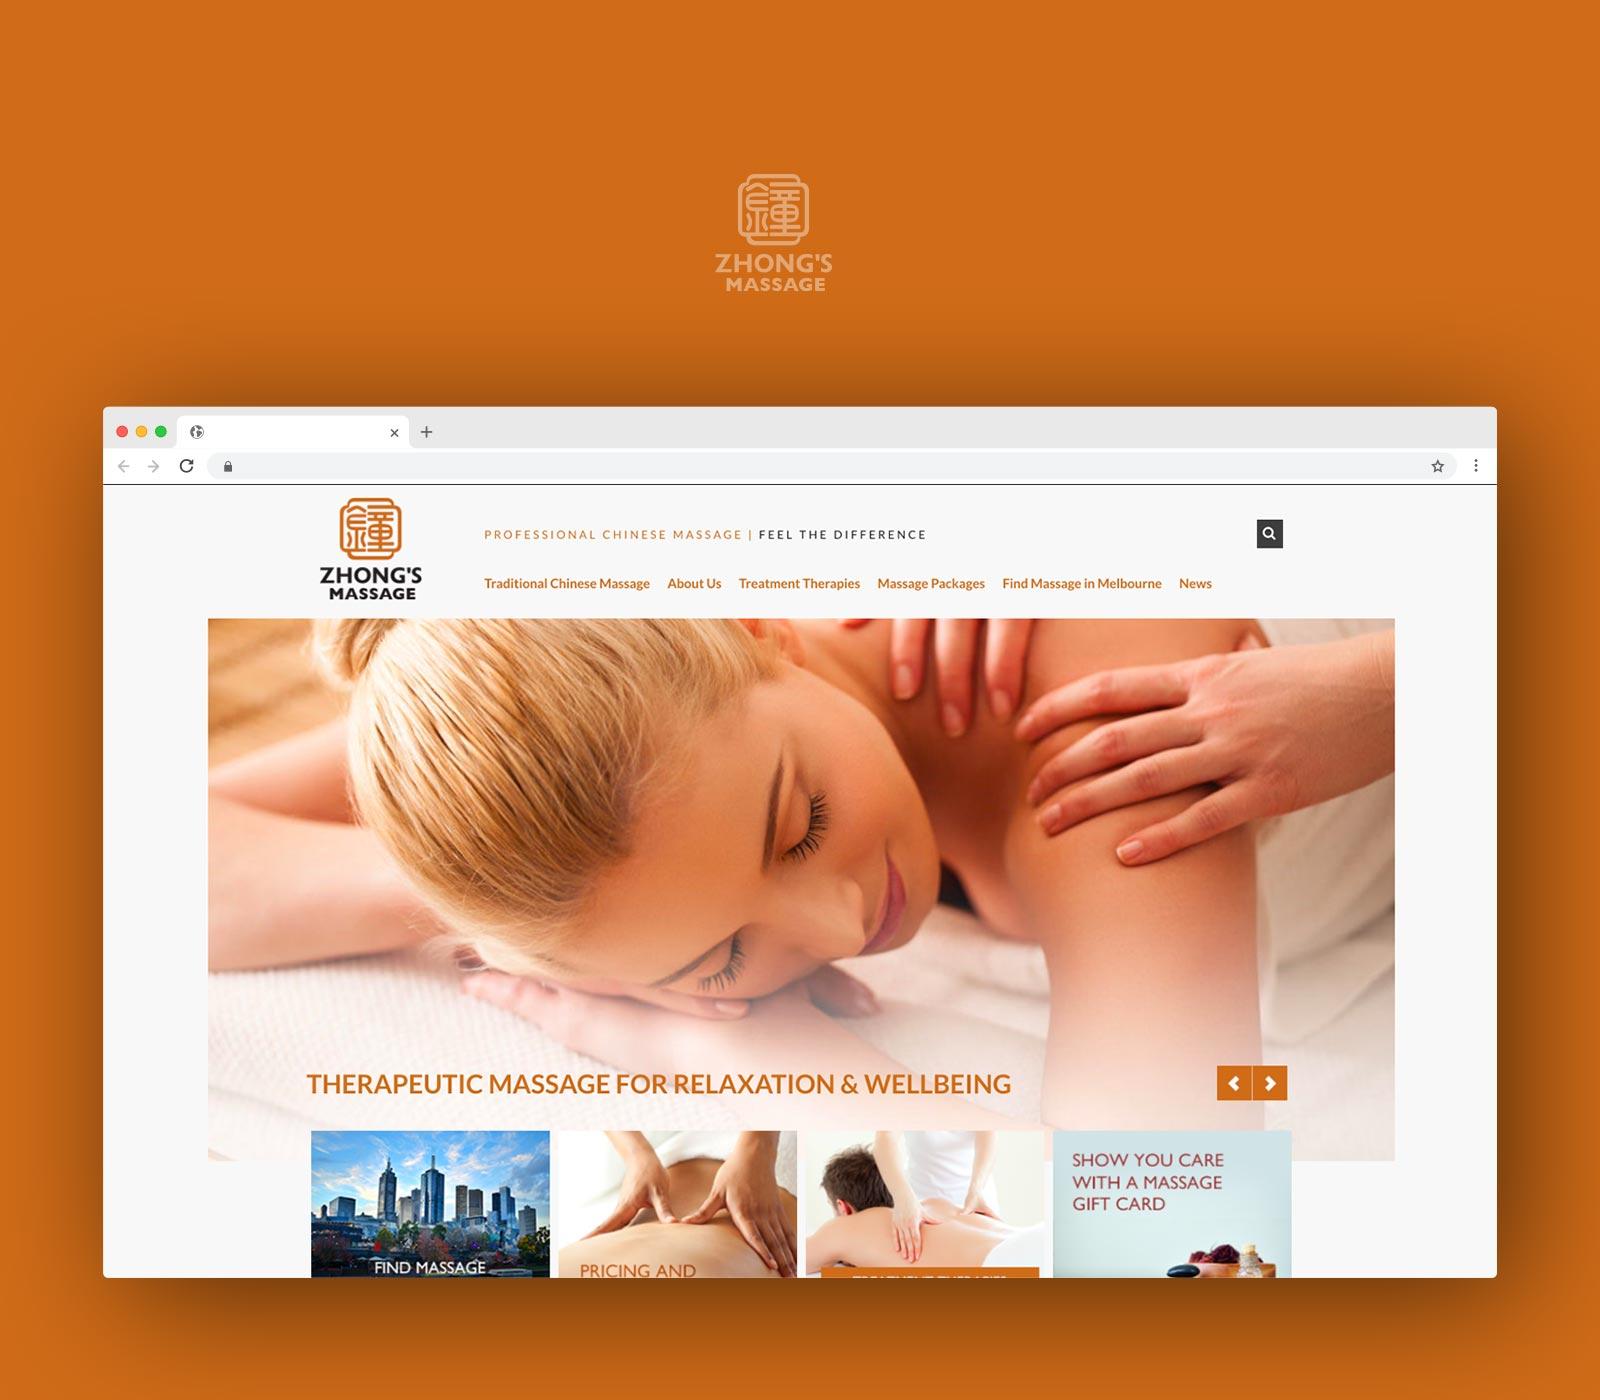 Zhong's Massage: Therapeutic Massage Chains